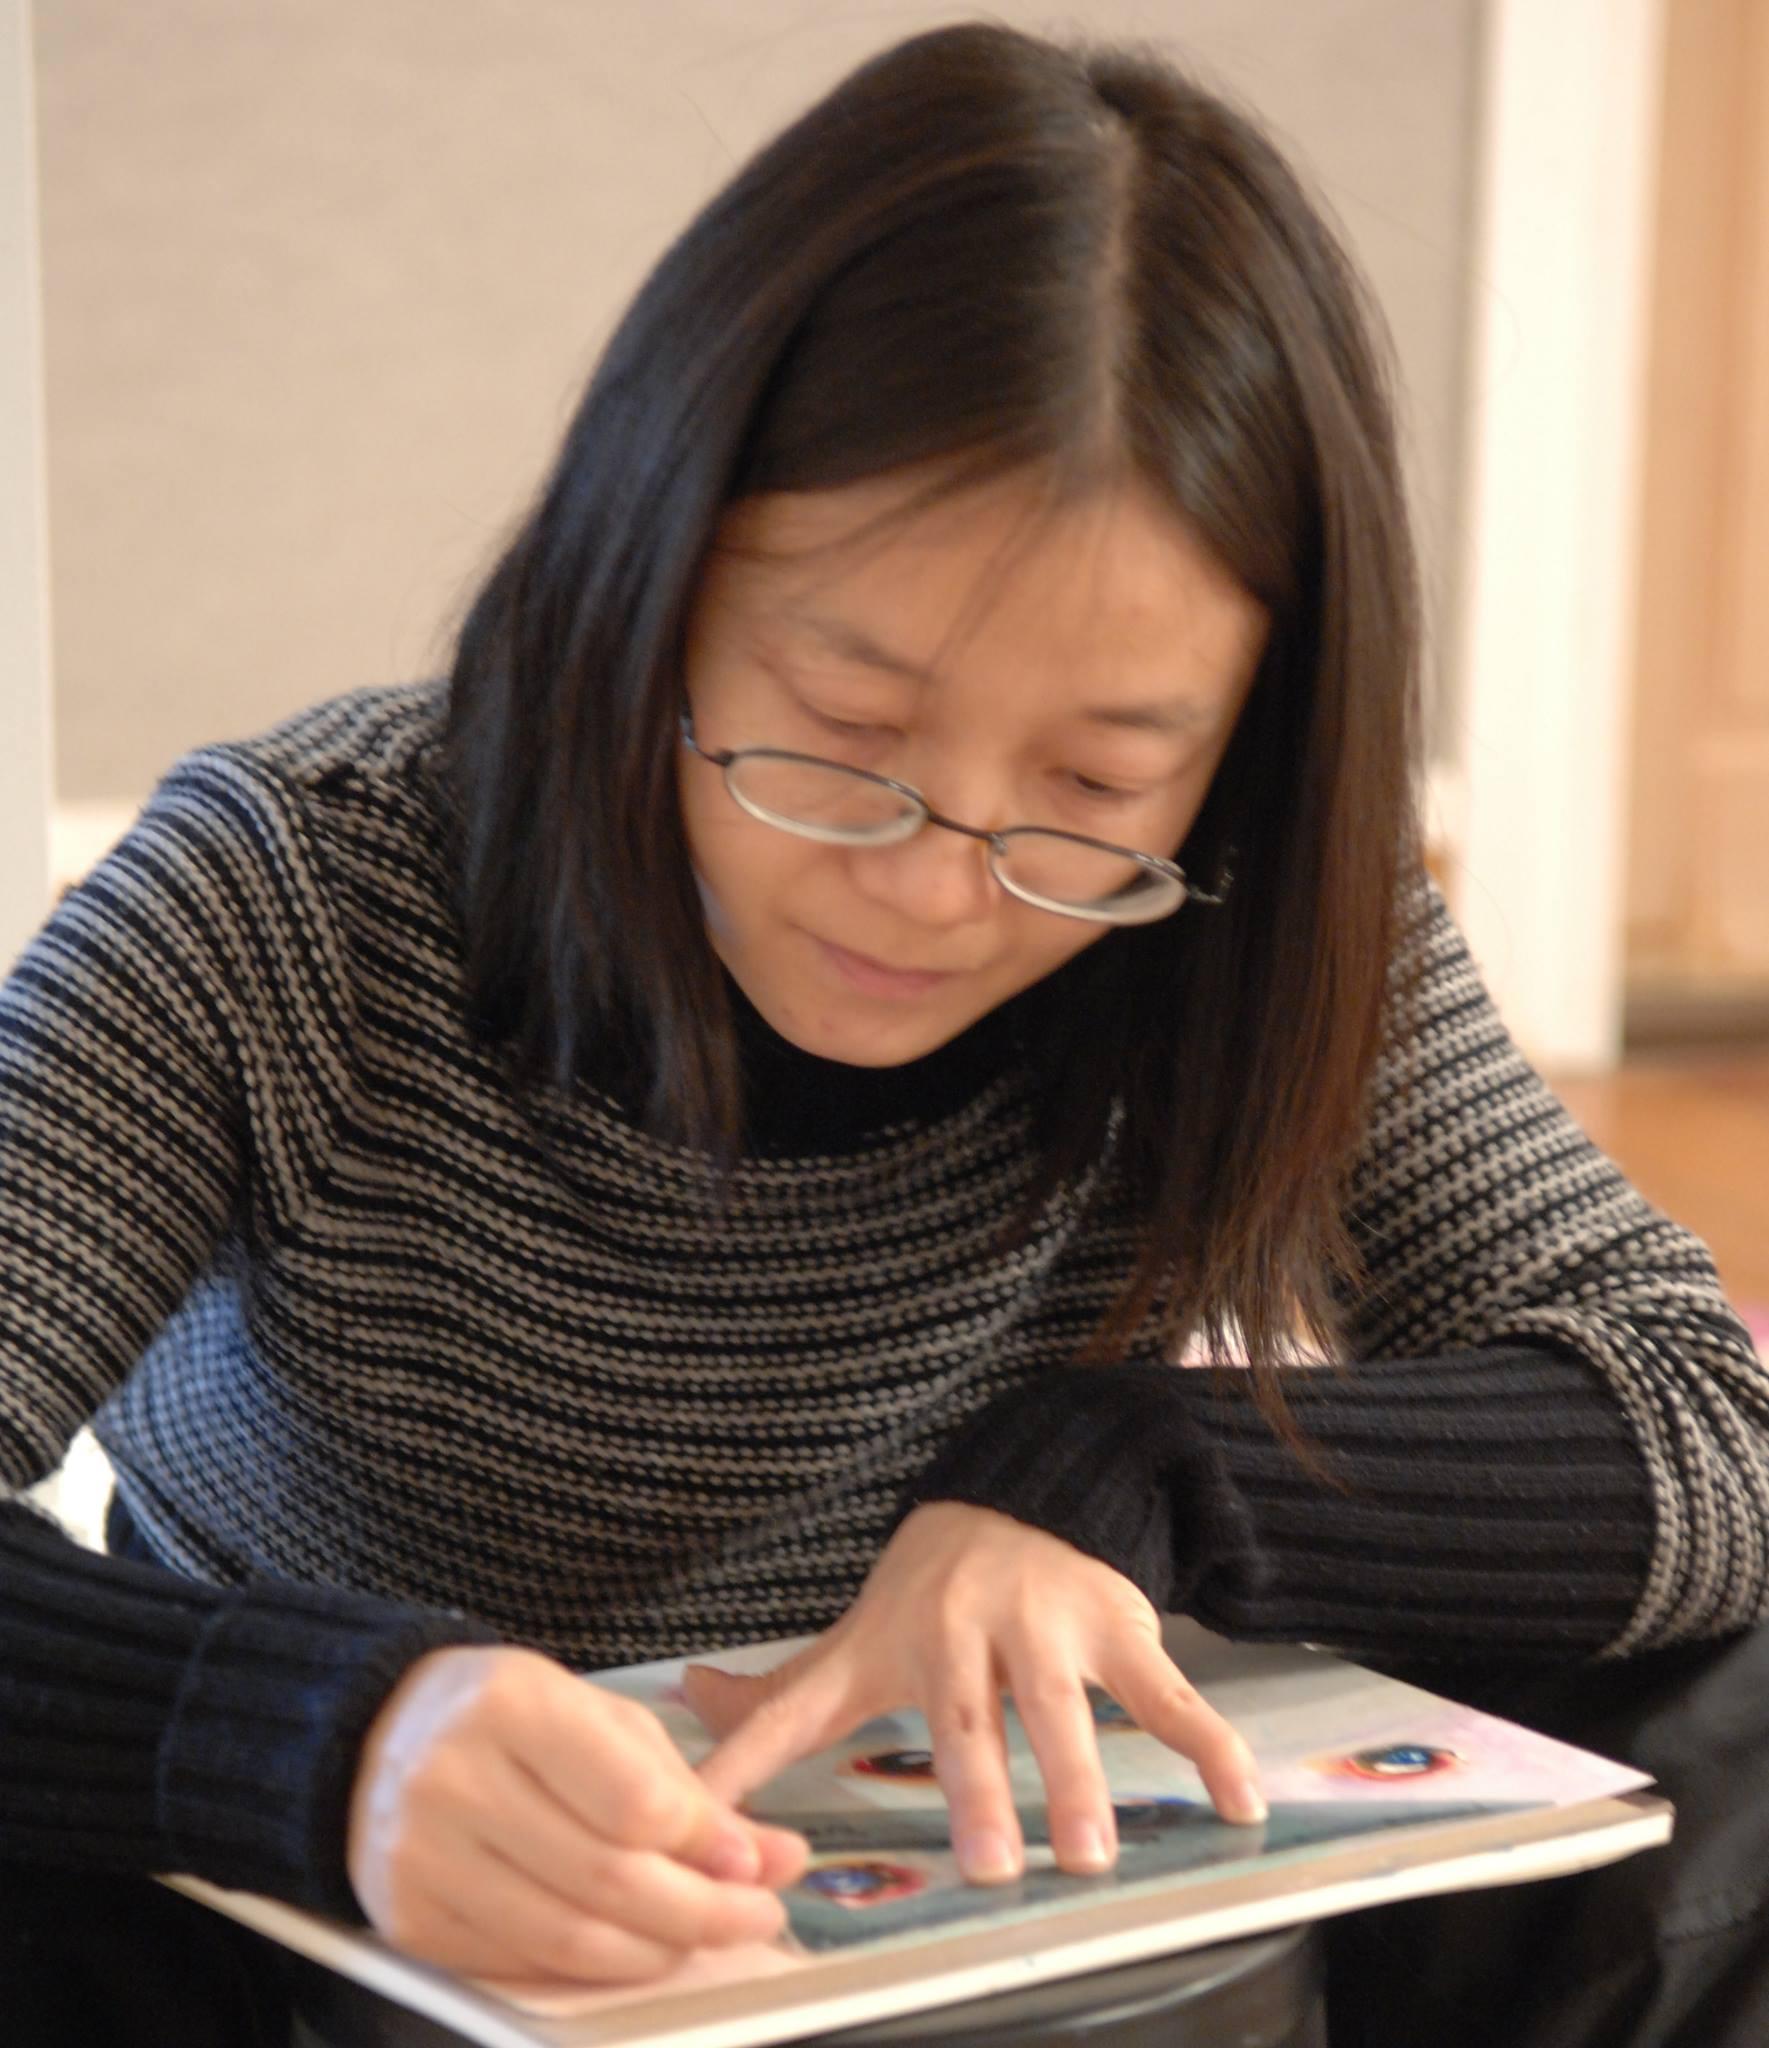 Luzhen Qiu